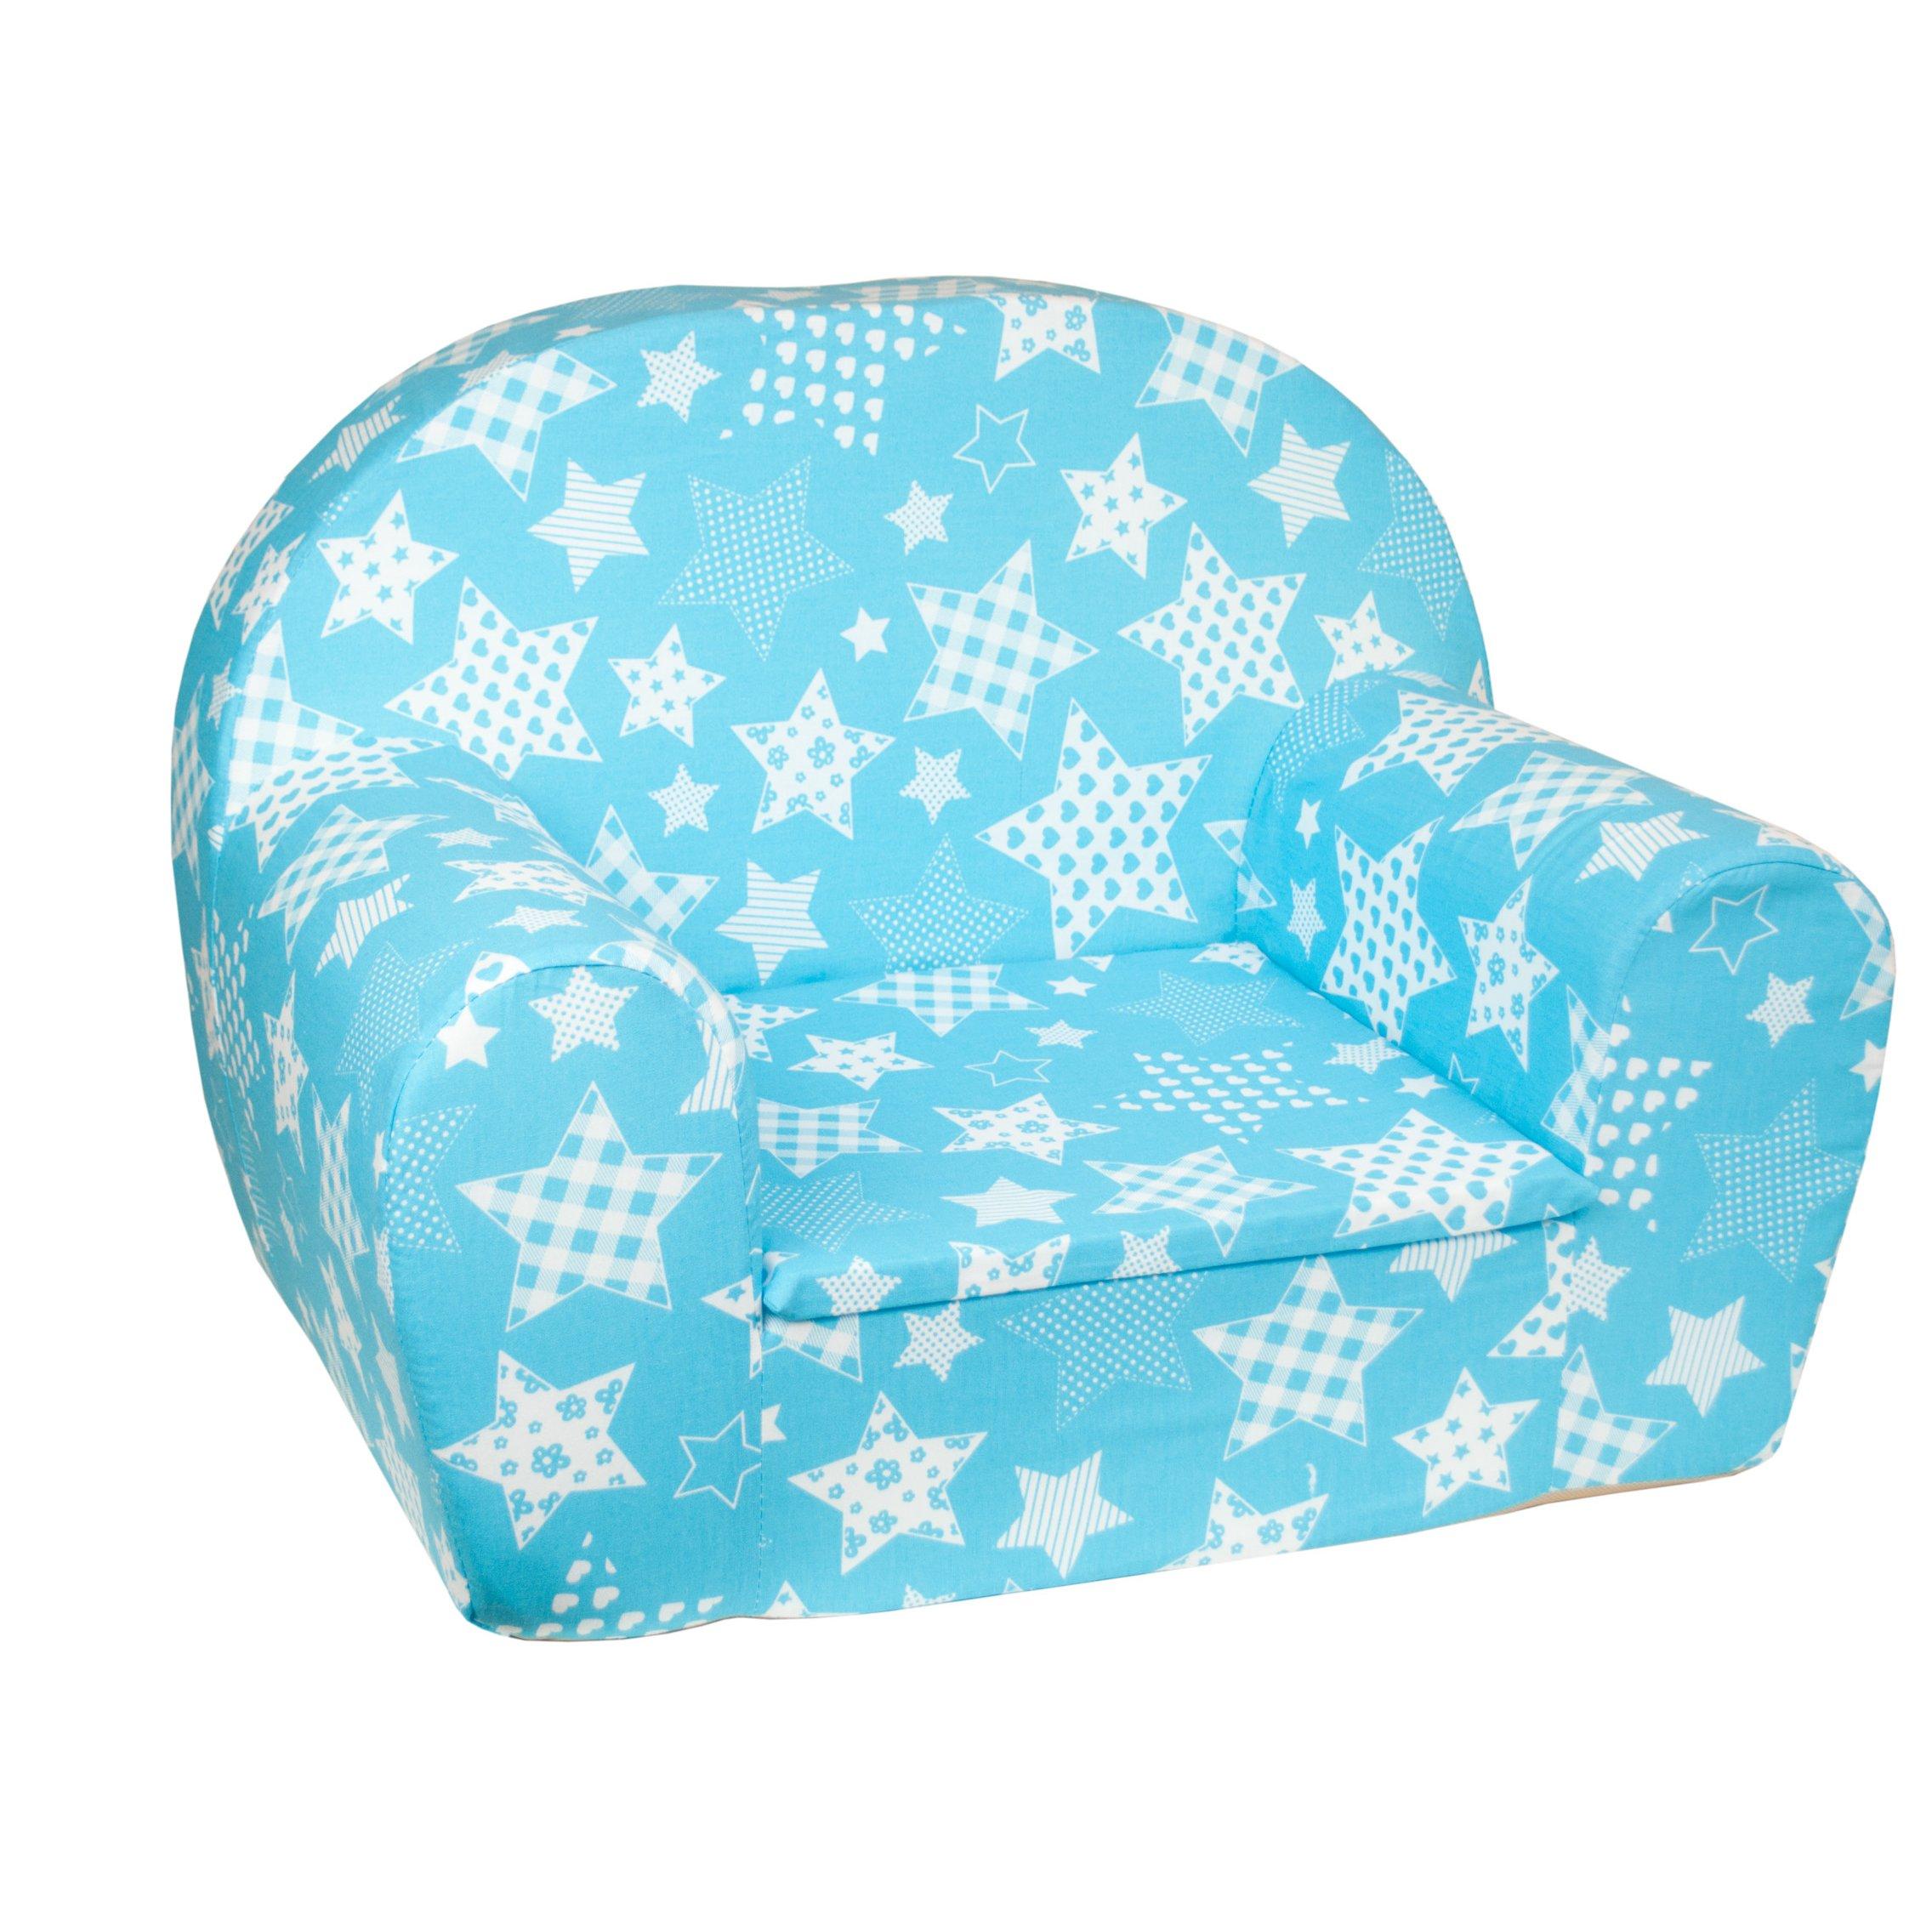 107a56c52c3c Detské kresielko Hviezdičkou modré Rozmery kresielka